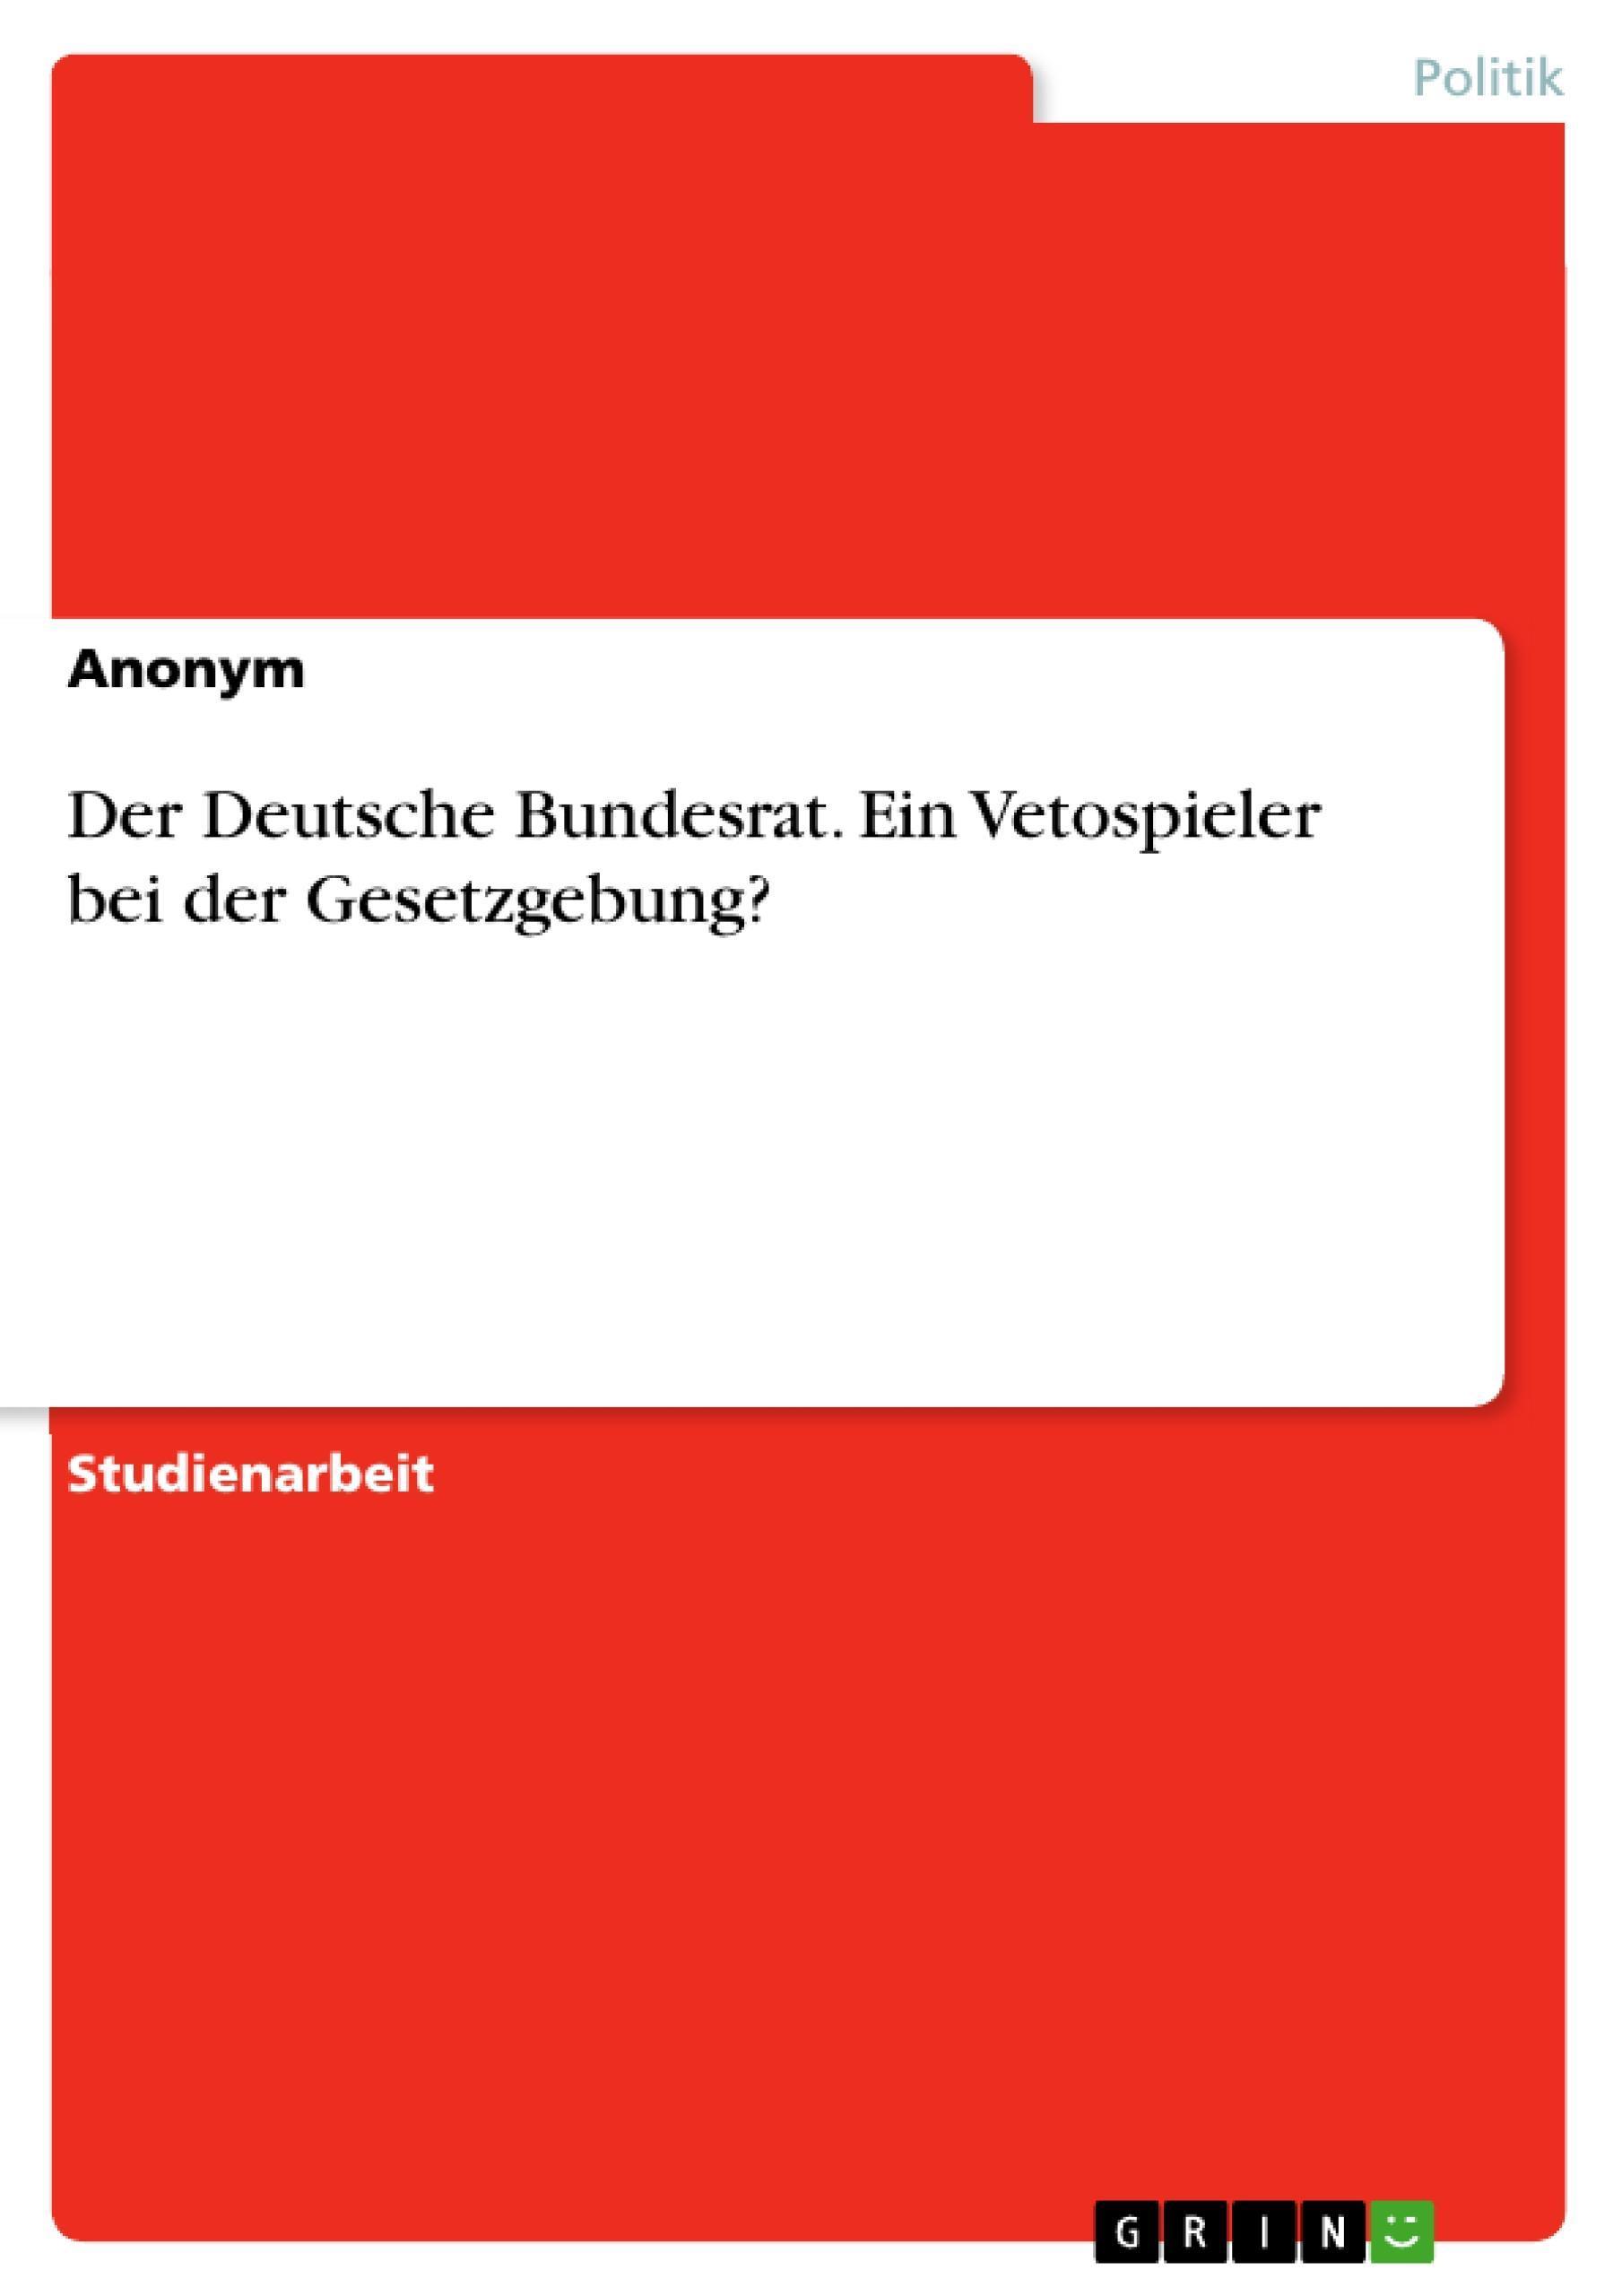 Der Deutsche Bundesrat. Ein Vetospieler bei der Gesetzgebung? Anonym